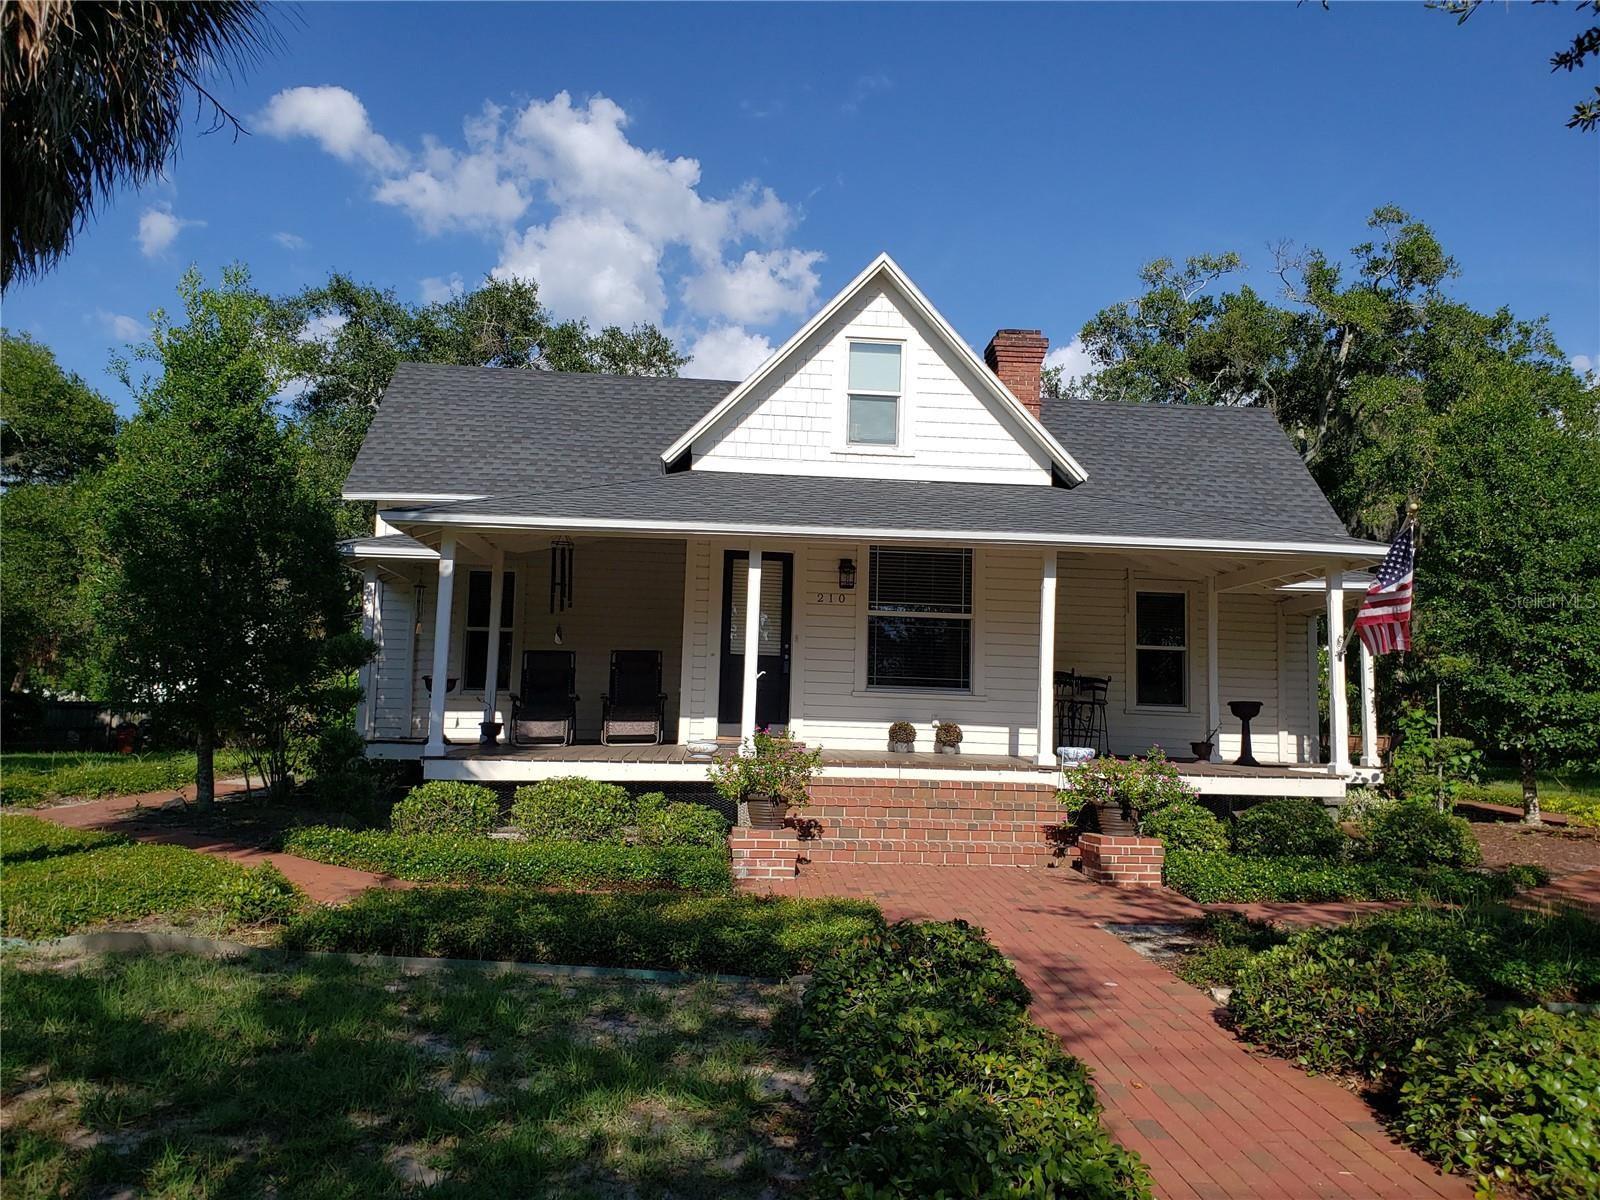 210 N GROSSE AVENUE, Tarpon Springs, FL 34689 - MLS#: U8130583